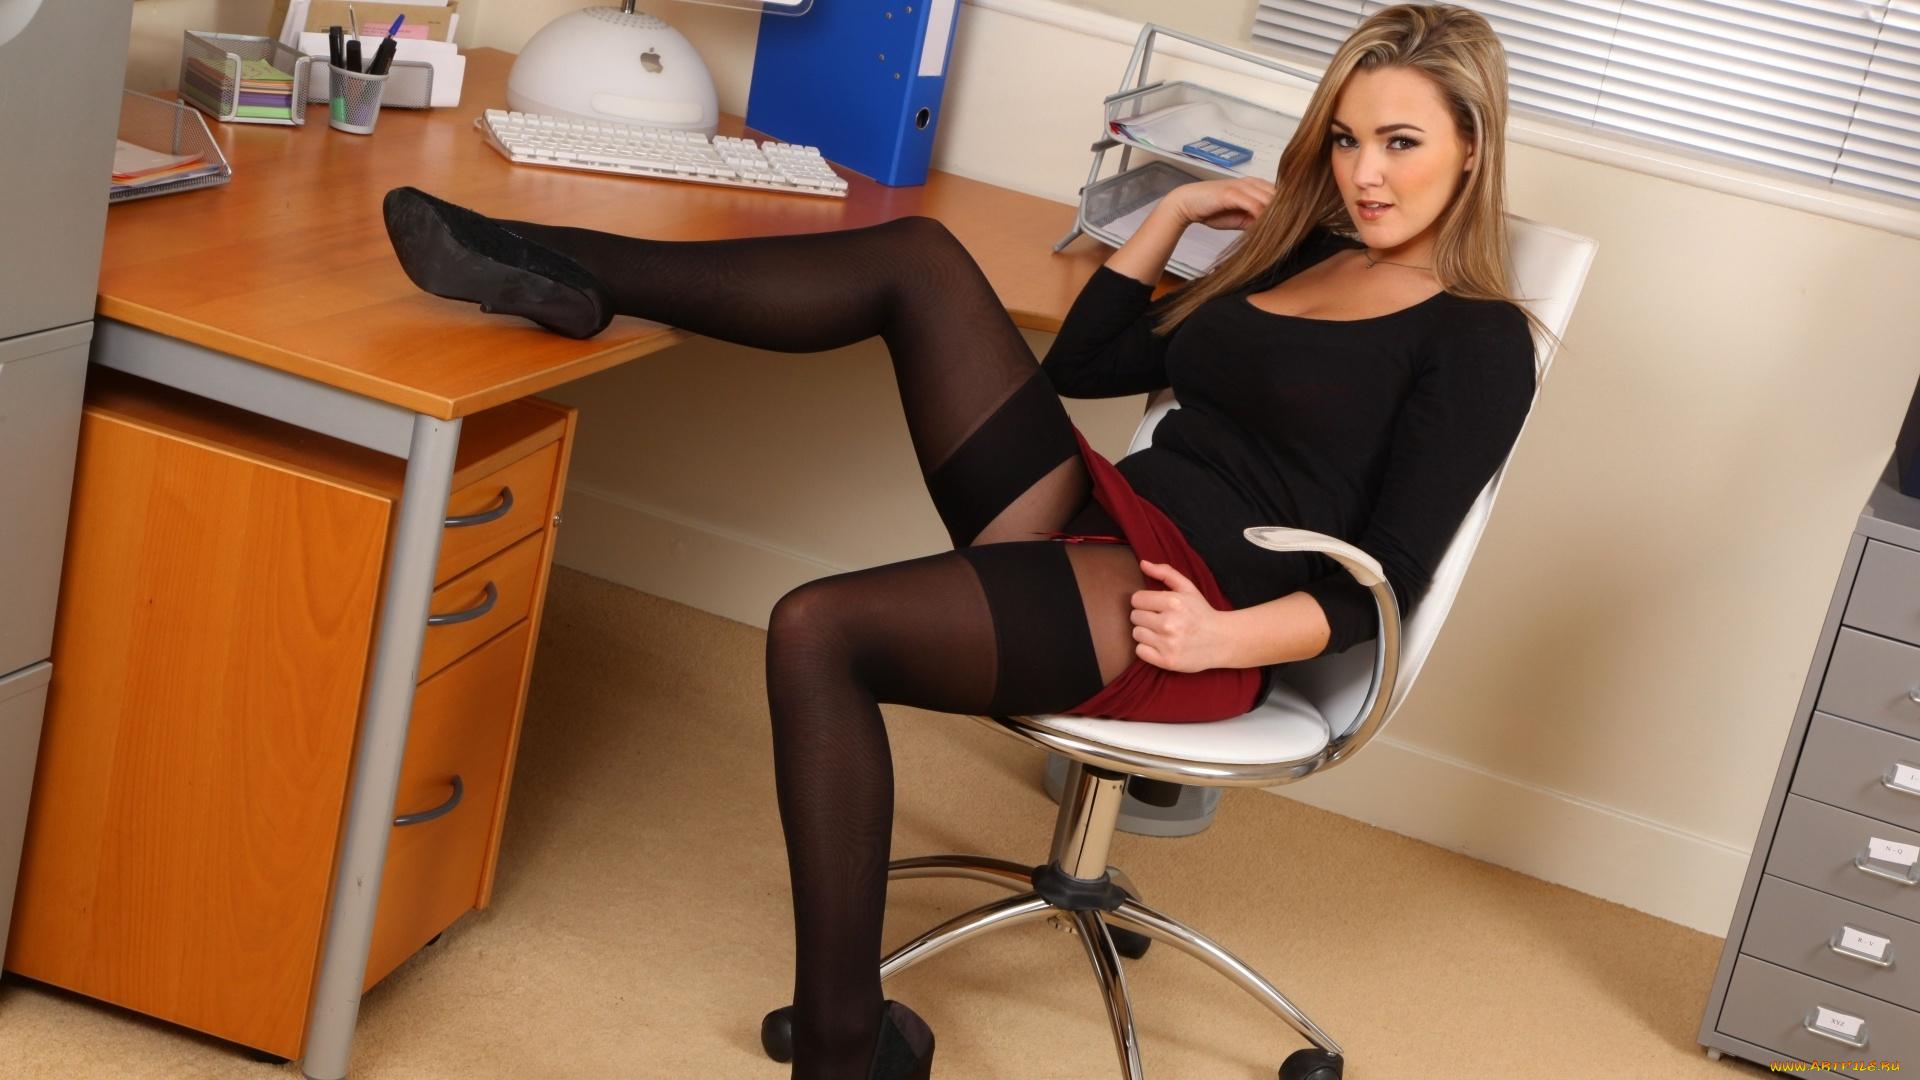 этом девушка в юбке в офисе ручной душевой